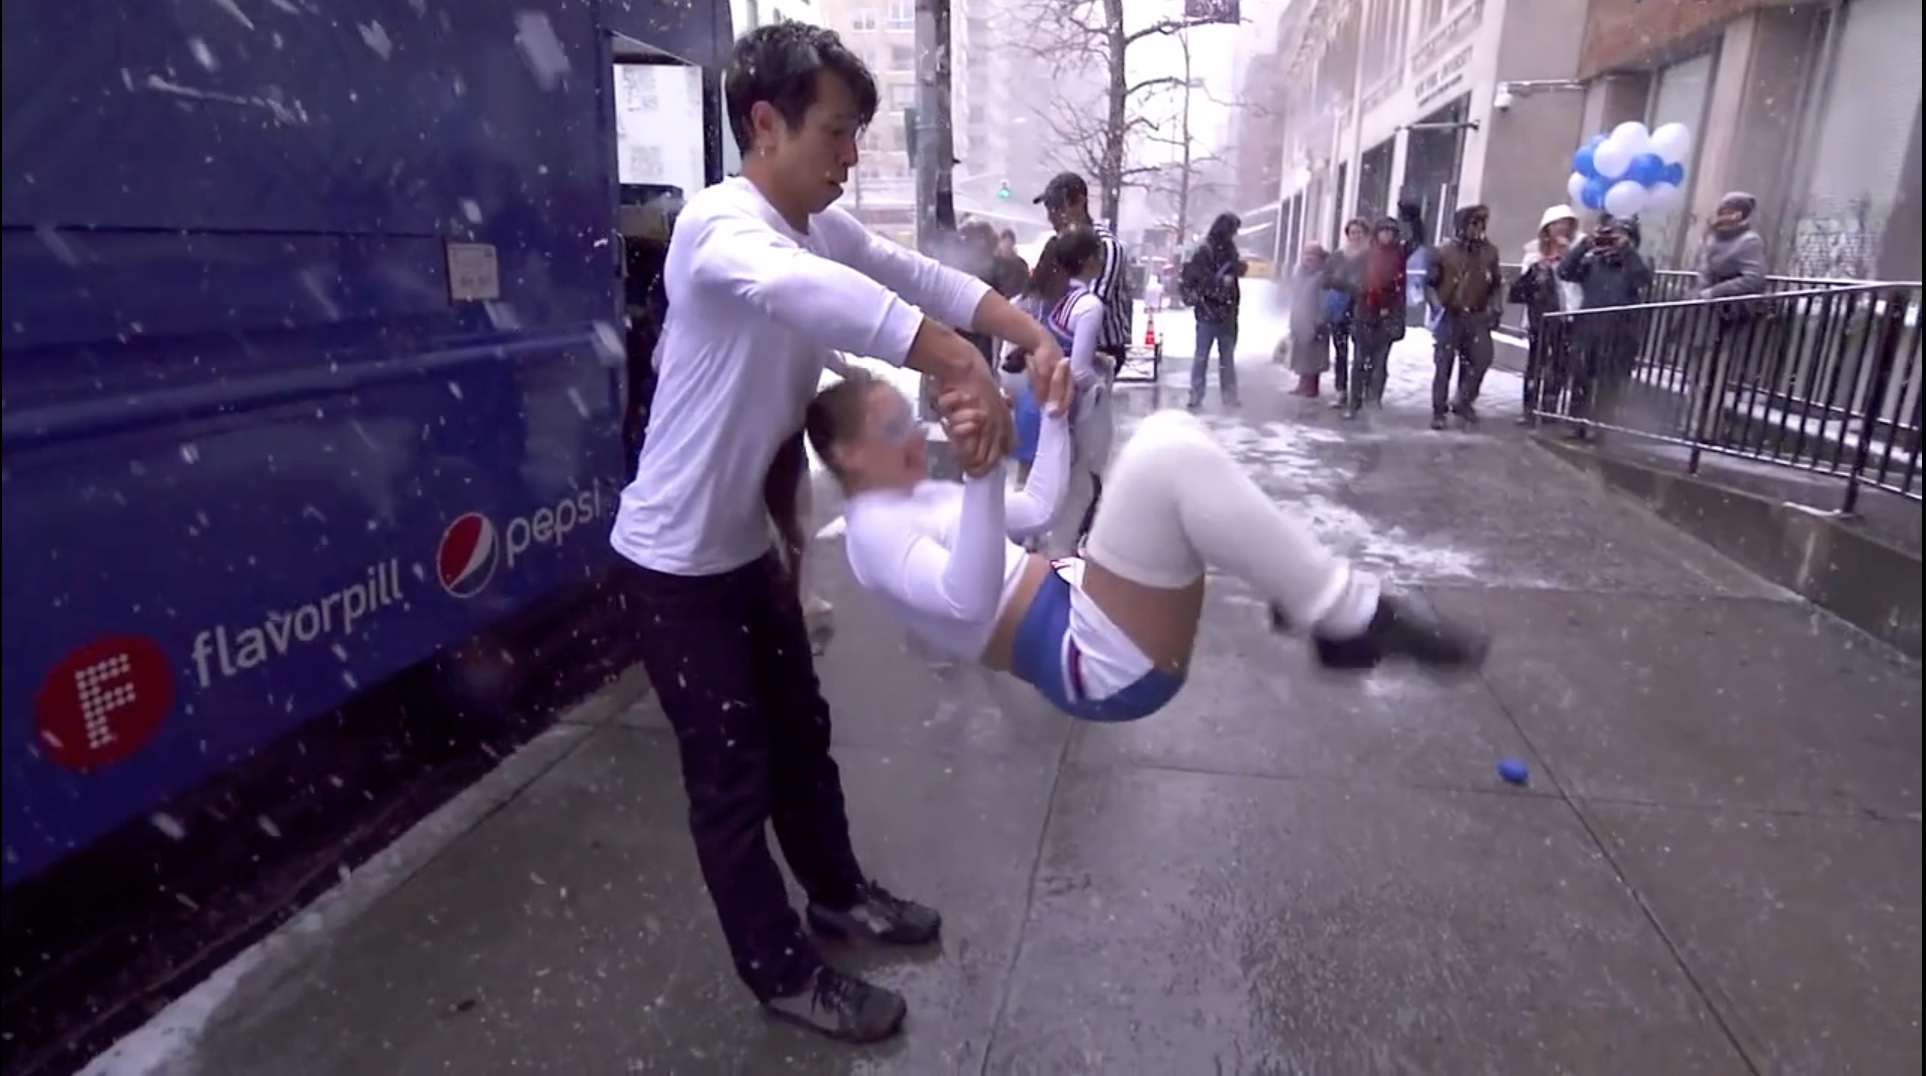 Pepsi Halftime flip.jpeg